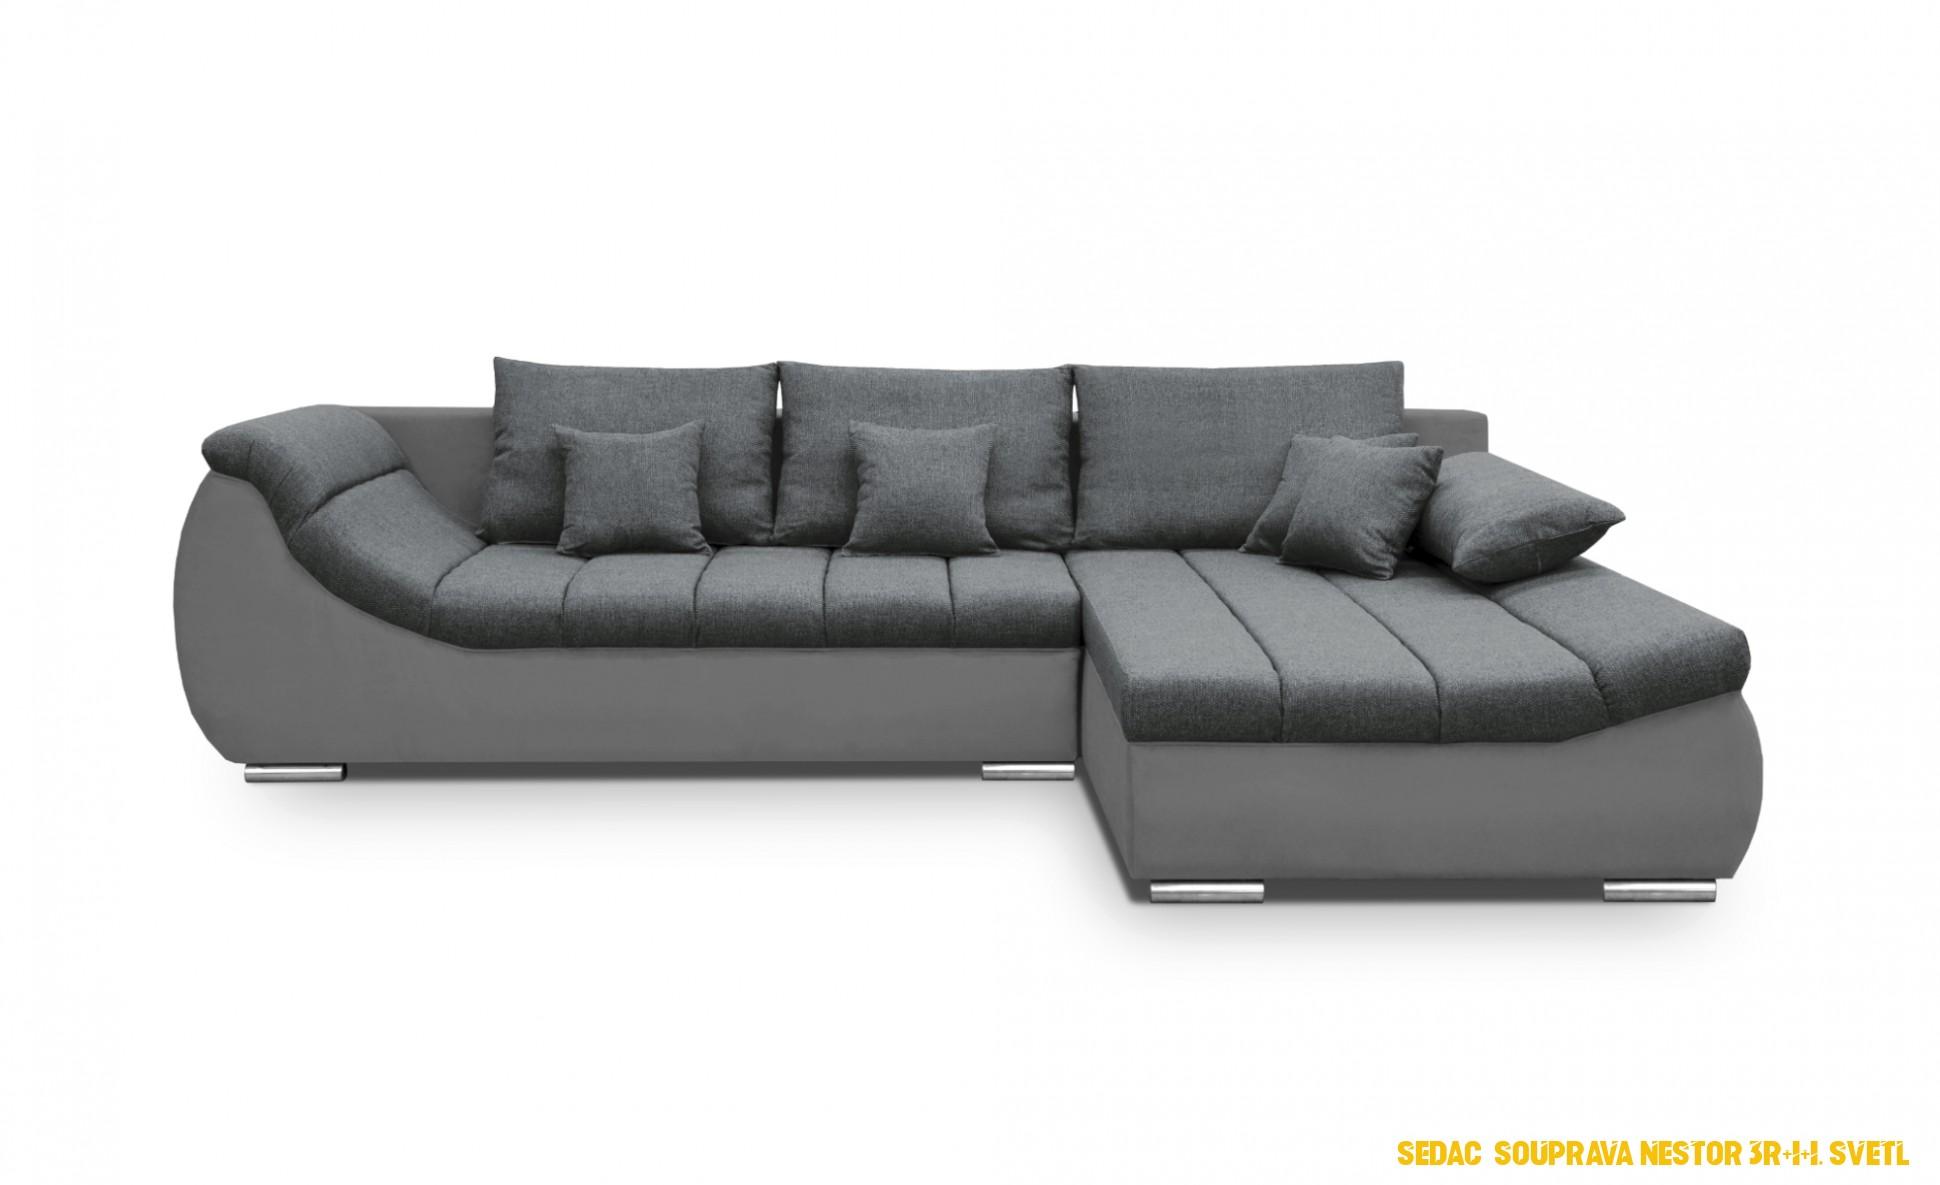 SCONTO Sedací souprava NESTOR - Nejlevnější nábytek se slevou až 4%